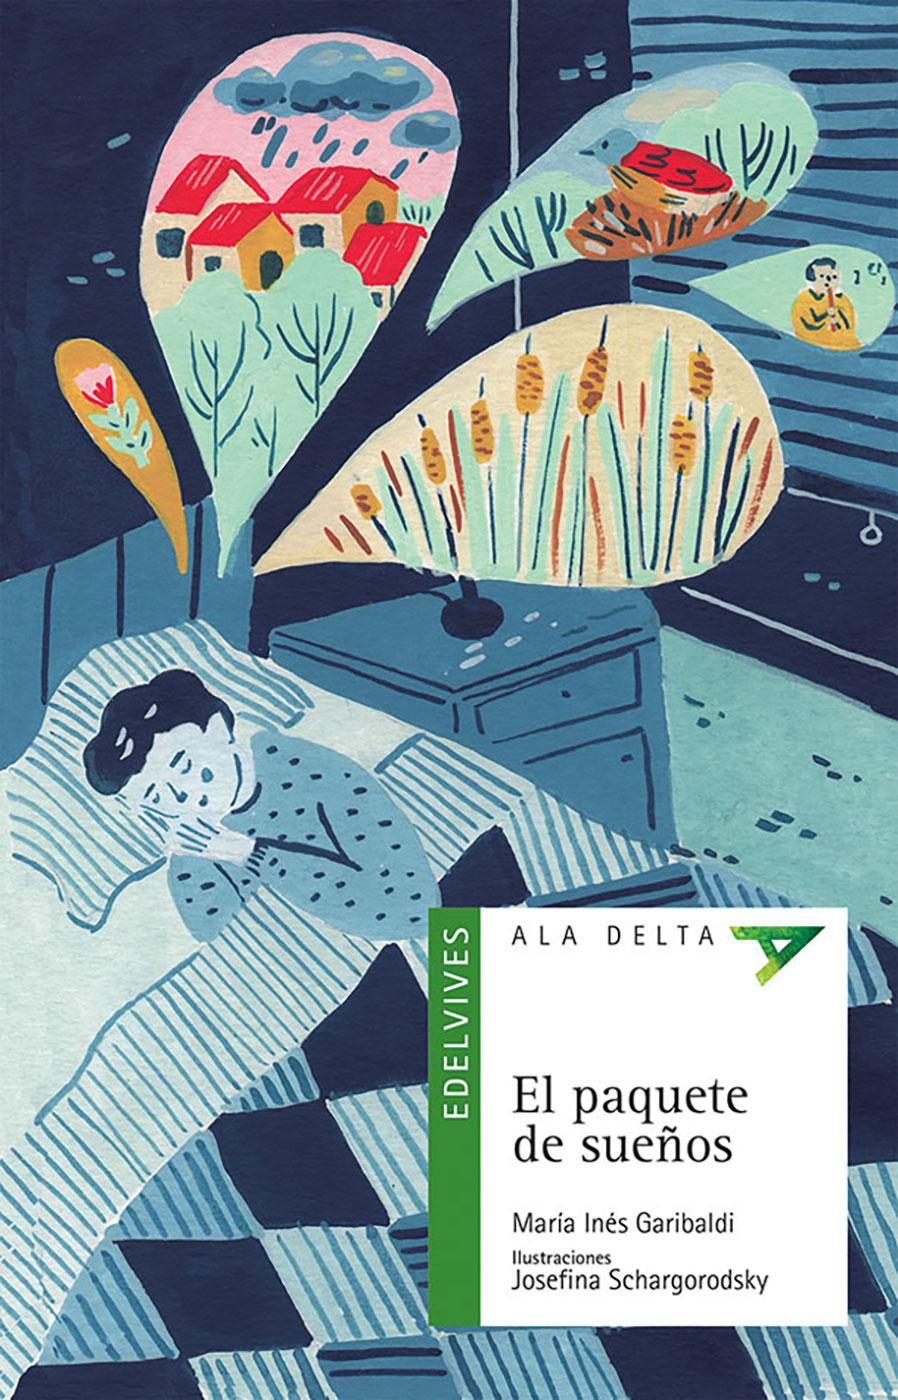 Resultado de imagen para El paquete de sueños de María Inés Garibaldi